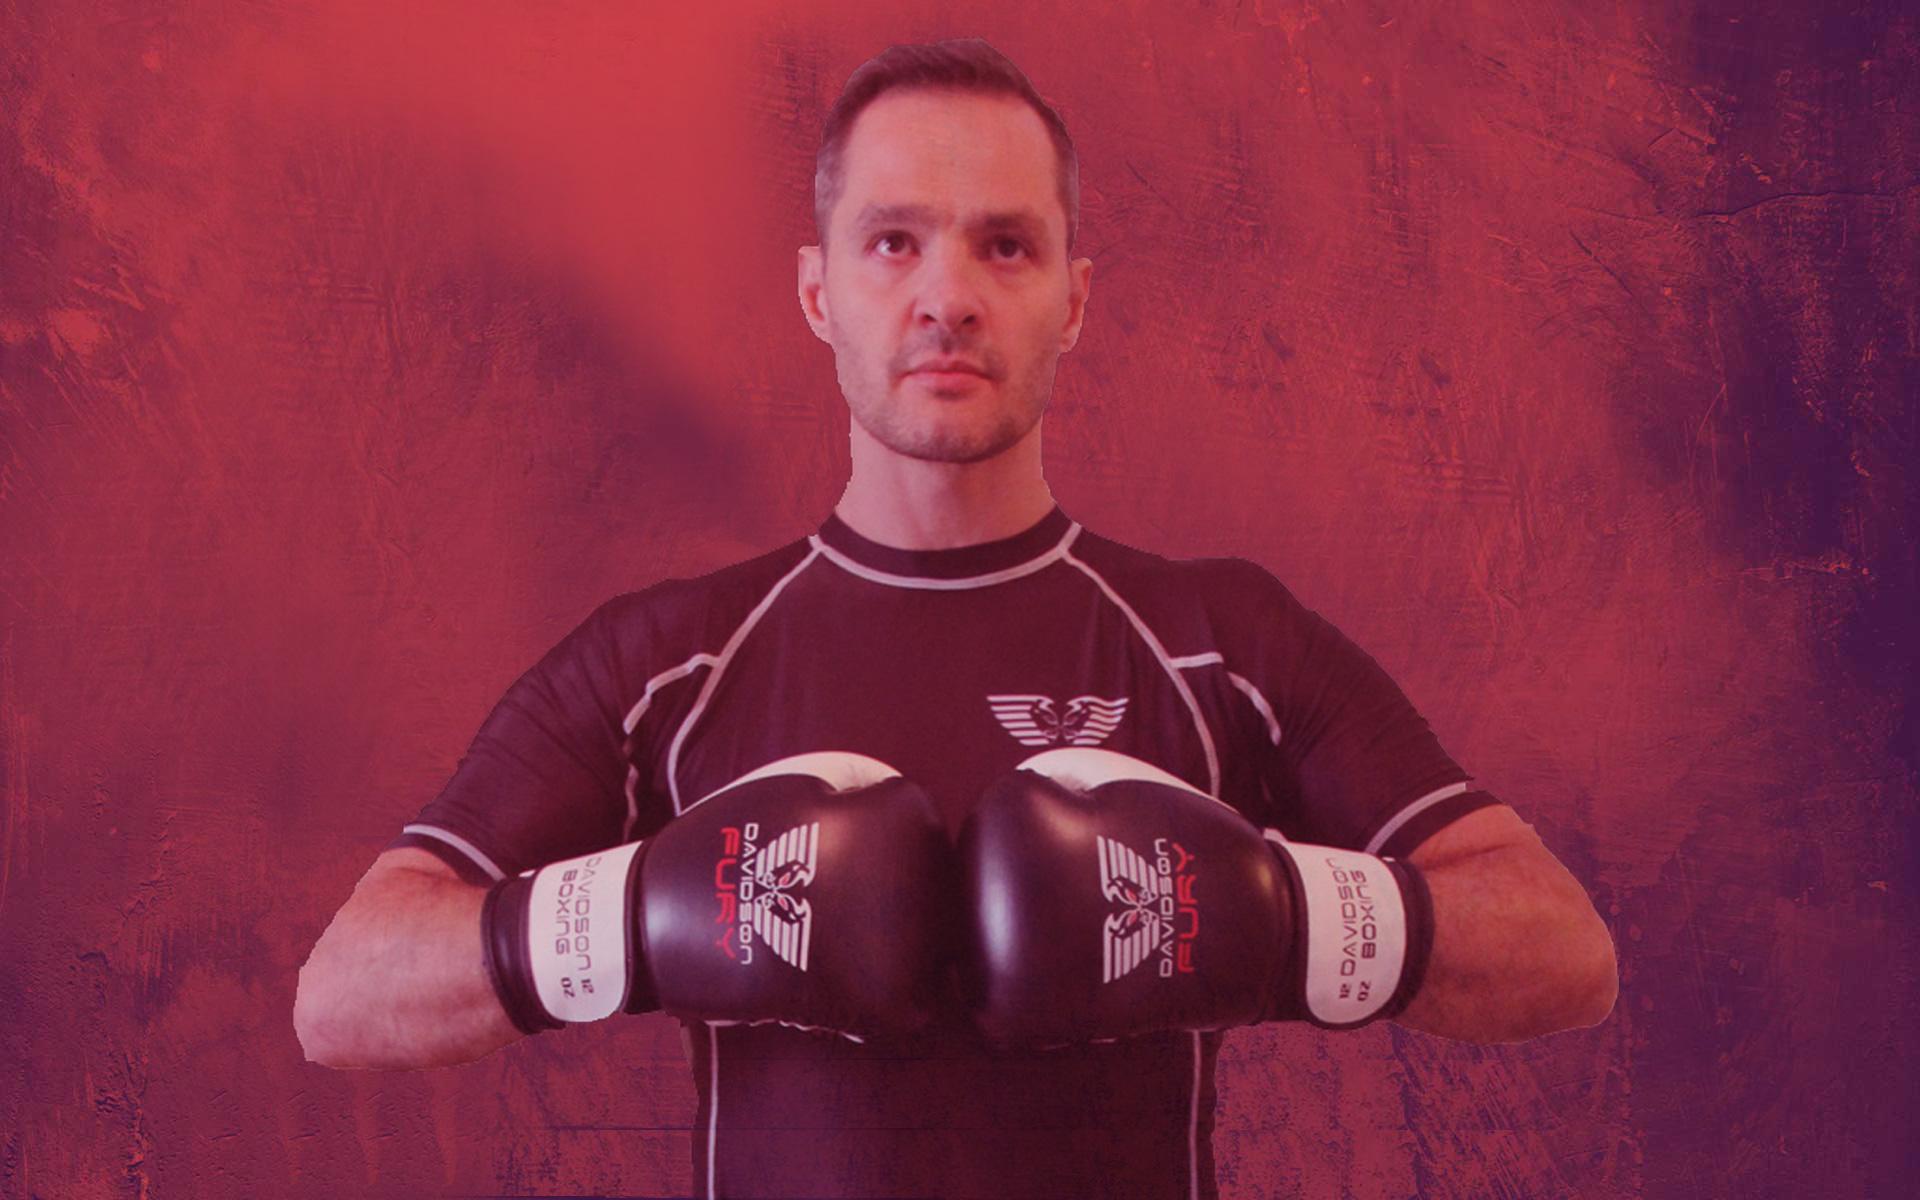 combattant rouge MMA kravmagacoaching kravmaga self-defense paris paris15 paris06 leperreux